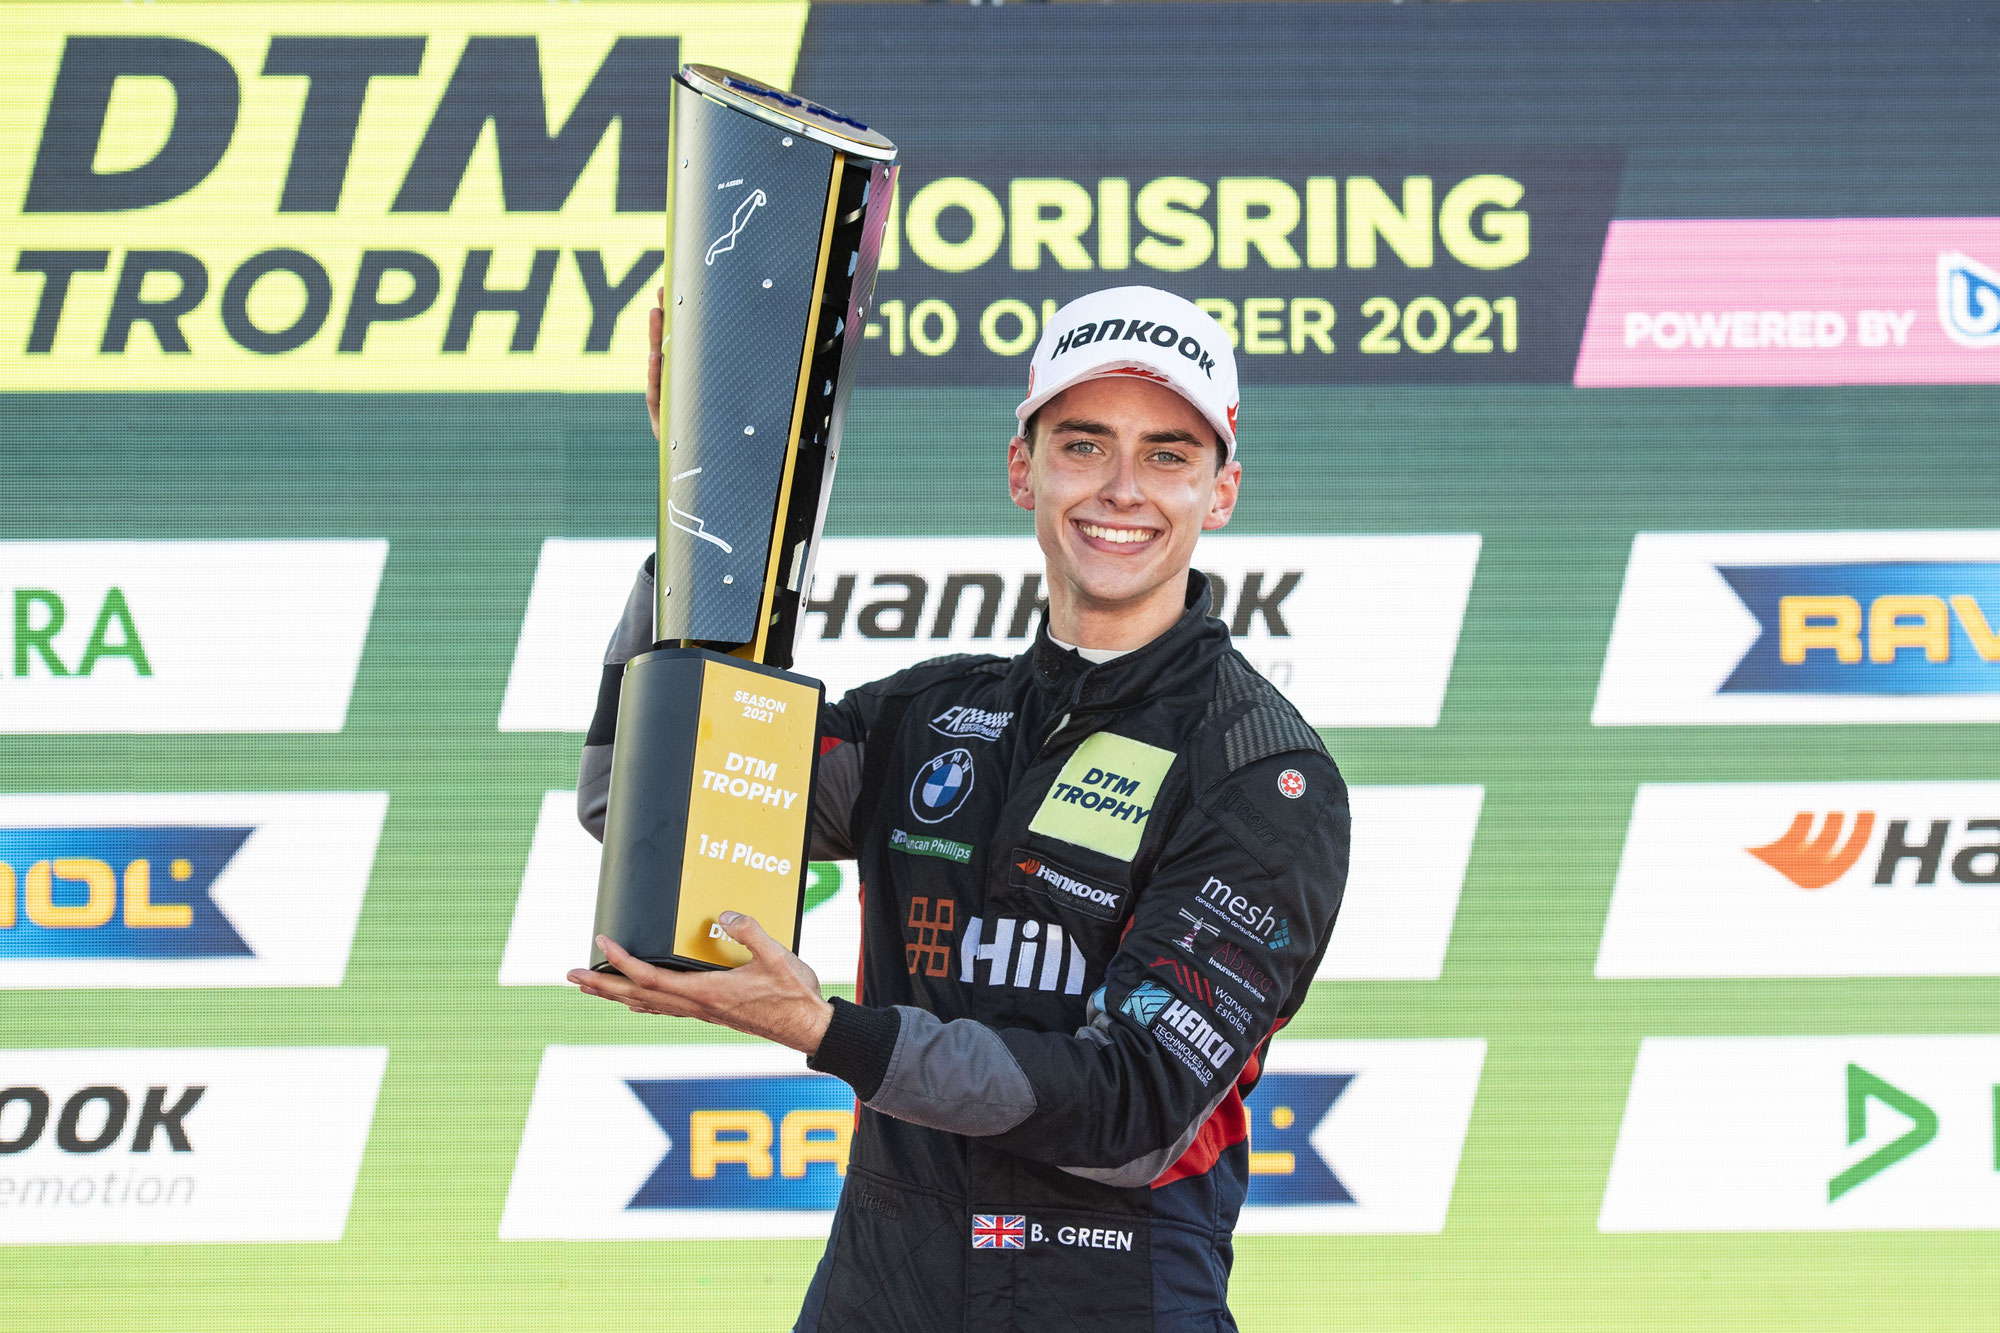 Perfekter Tag für Ben Green: Sieg und Meistertitel beim Finale der DTM Trophy 2021 auf dem Norisring